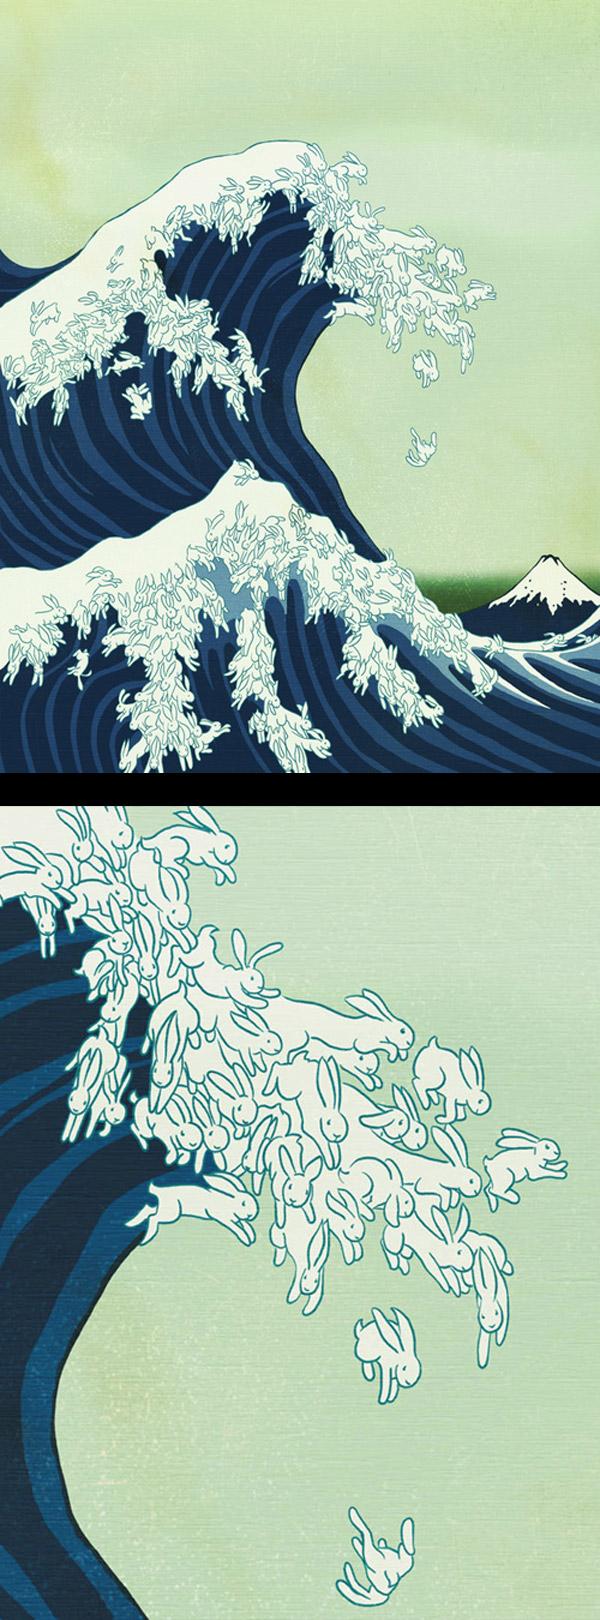 Una versión de la ola de Kanagawa